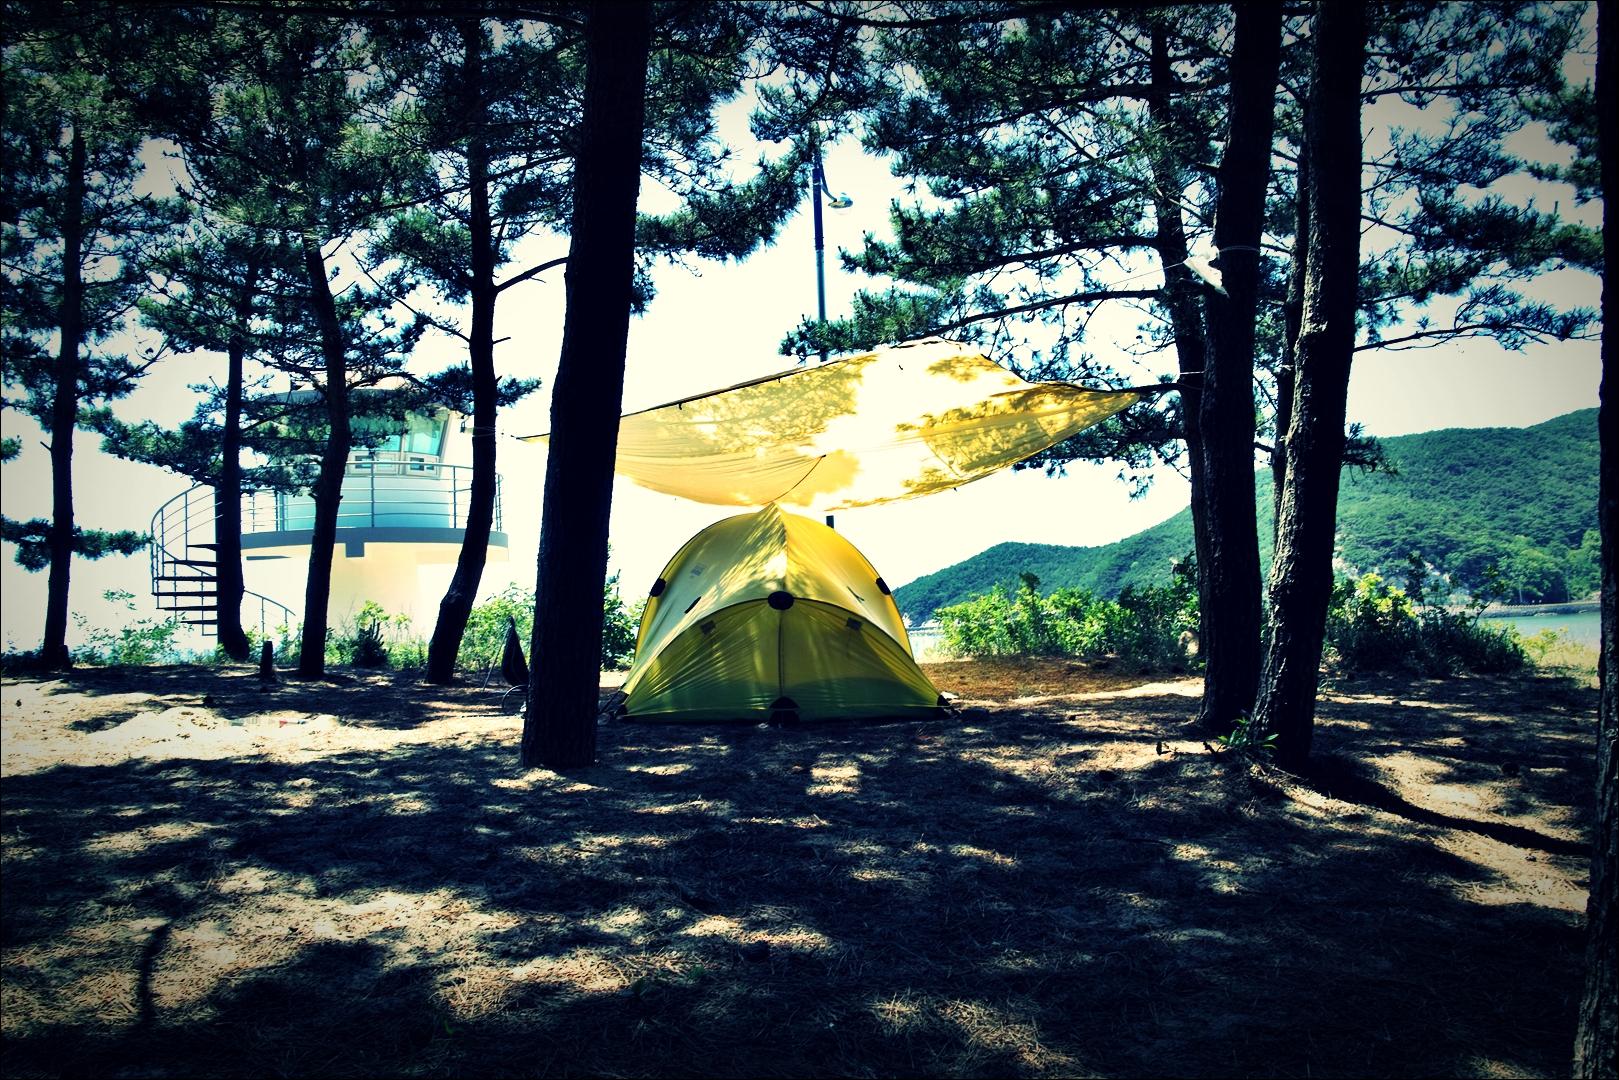 캠핑-'덕적도 서포리 해수욕장 백패킹'